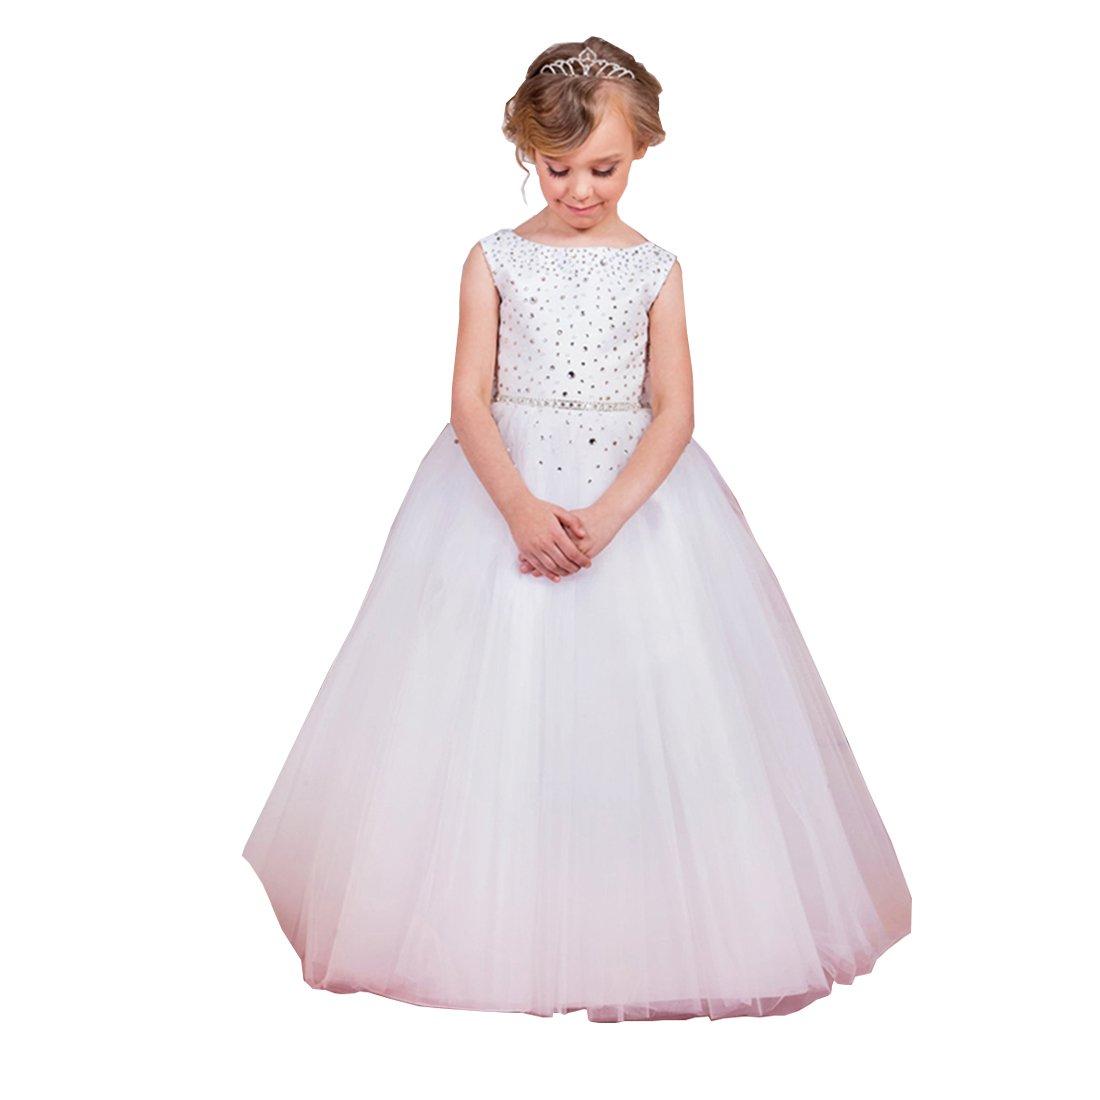 1b9b3398e34bb Best Party Dress Shops - raveitsafe